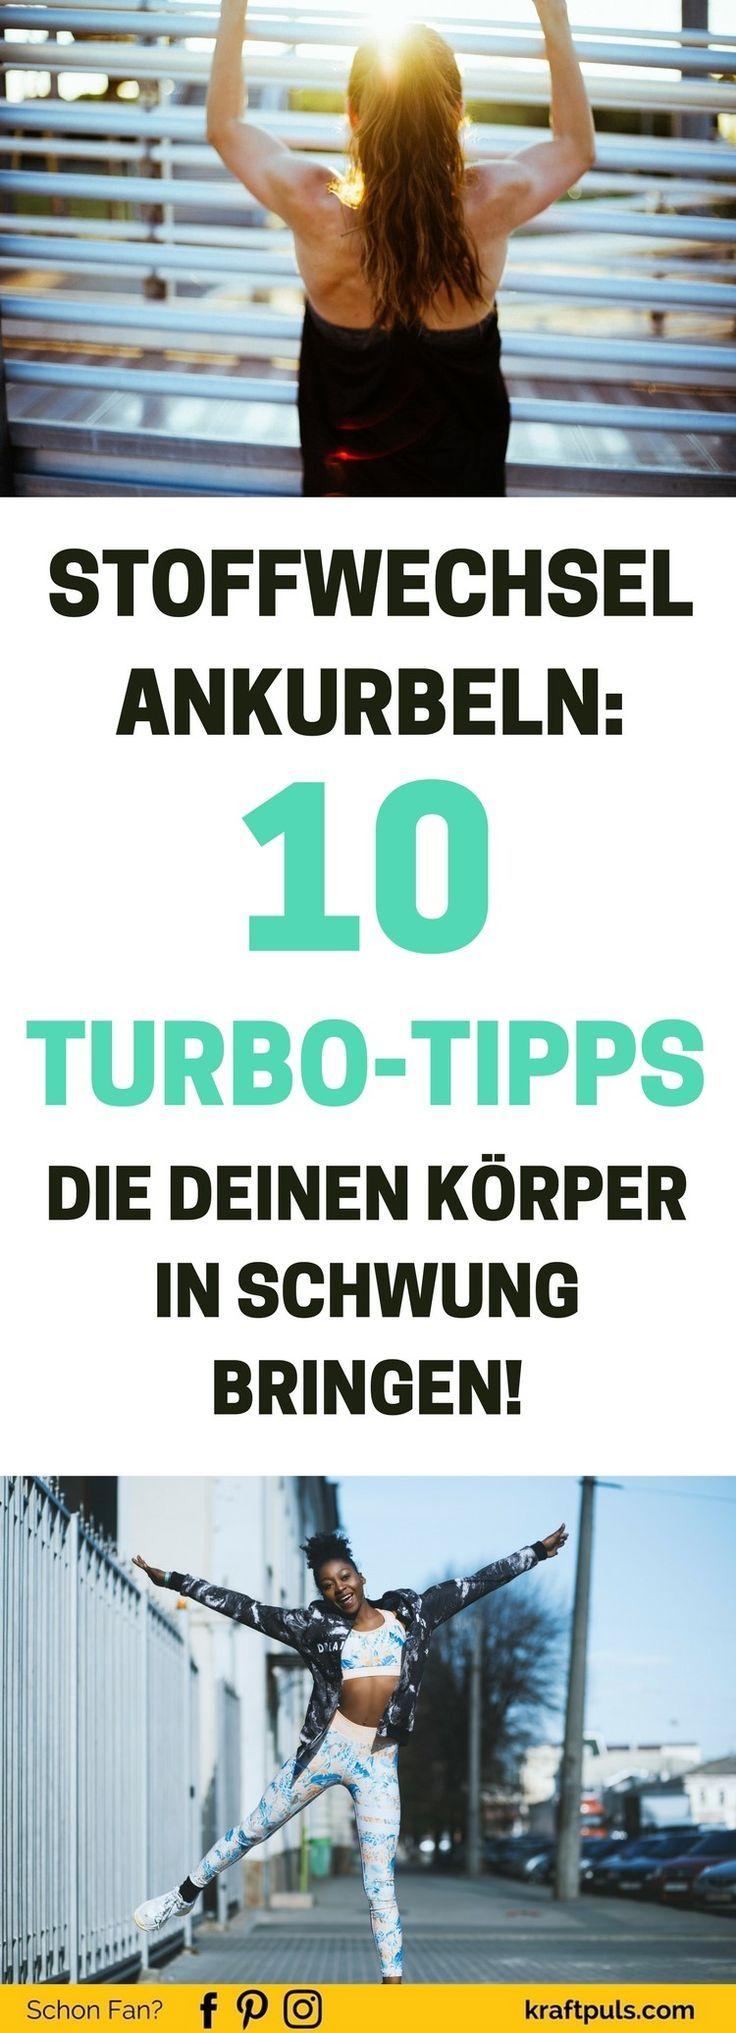 Stoffwechsel ankurbeln: 10 Turbo-Tipps die deinen Körper..